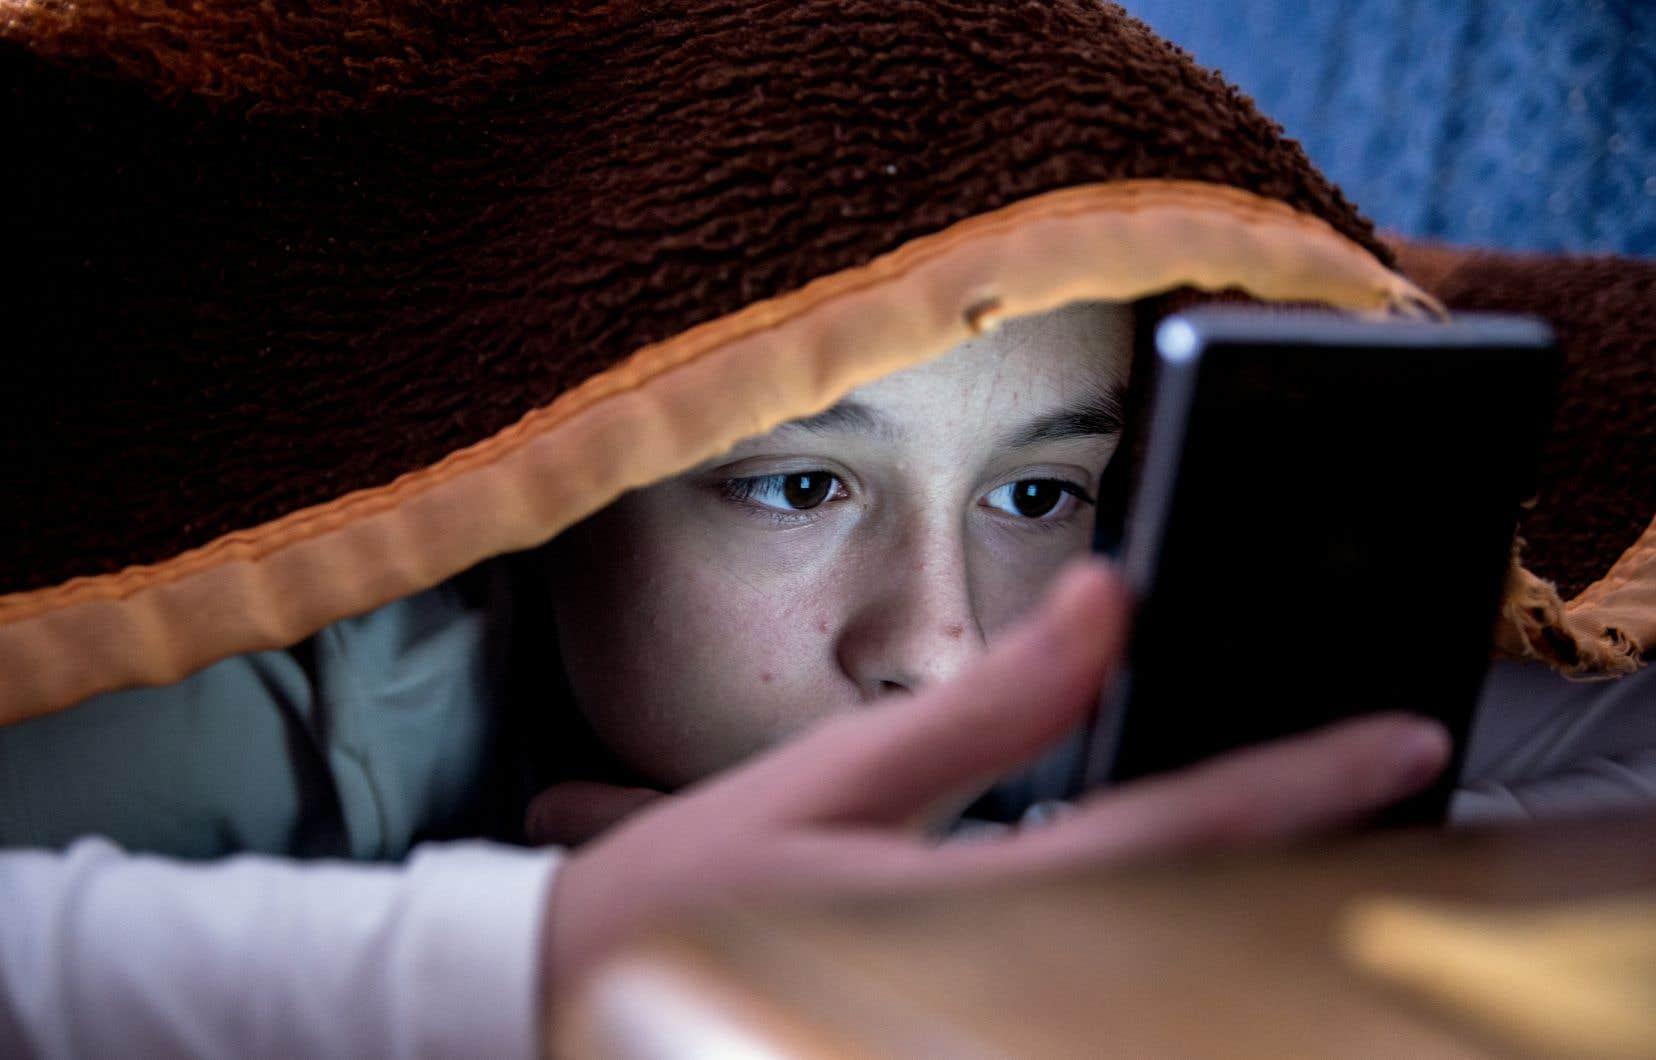 «Le besoin de socialiser est fondamental chez nos jeunes et malheureusement, cette socialisation se déplace de plus en plus vers le virtuel», écrit l'autrice.